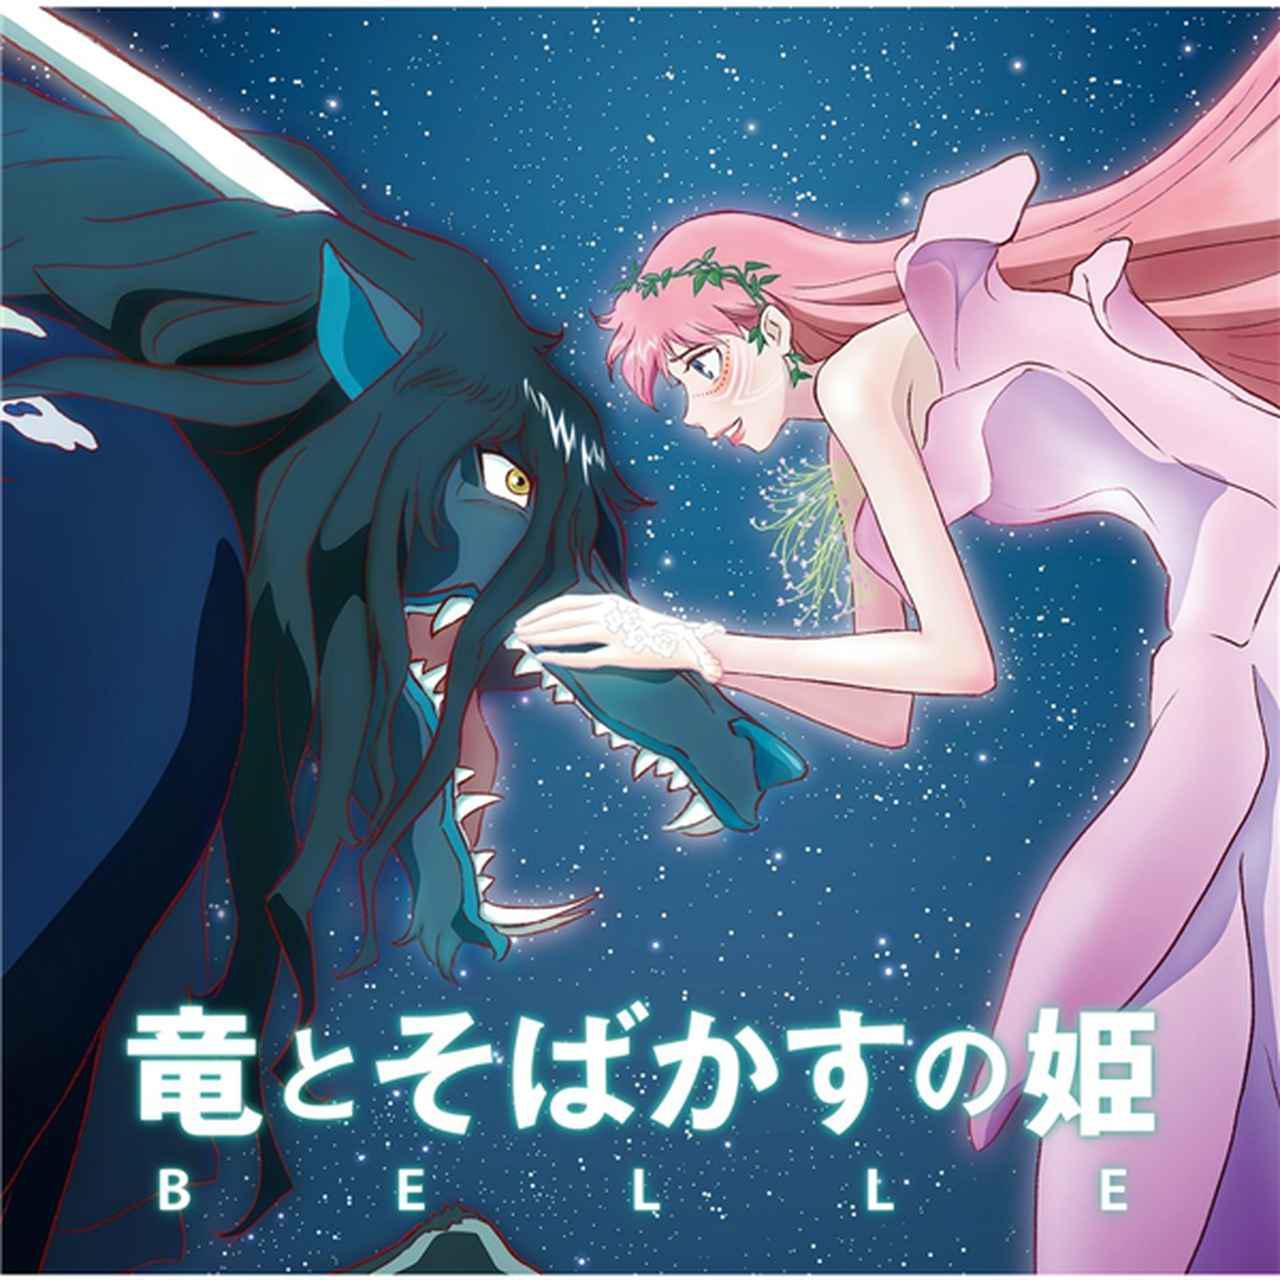 画像: 「竜とそばかすの姫」オリジナル・サウンドトラック / Various Artists